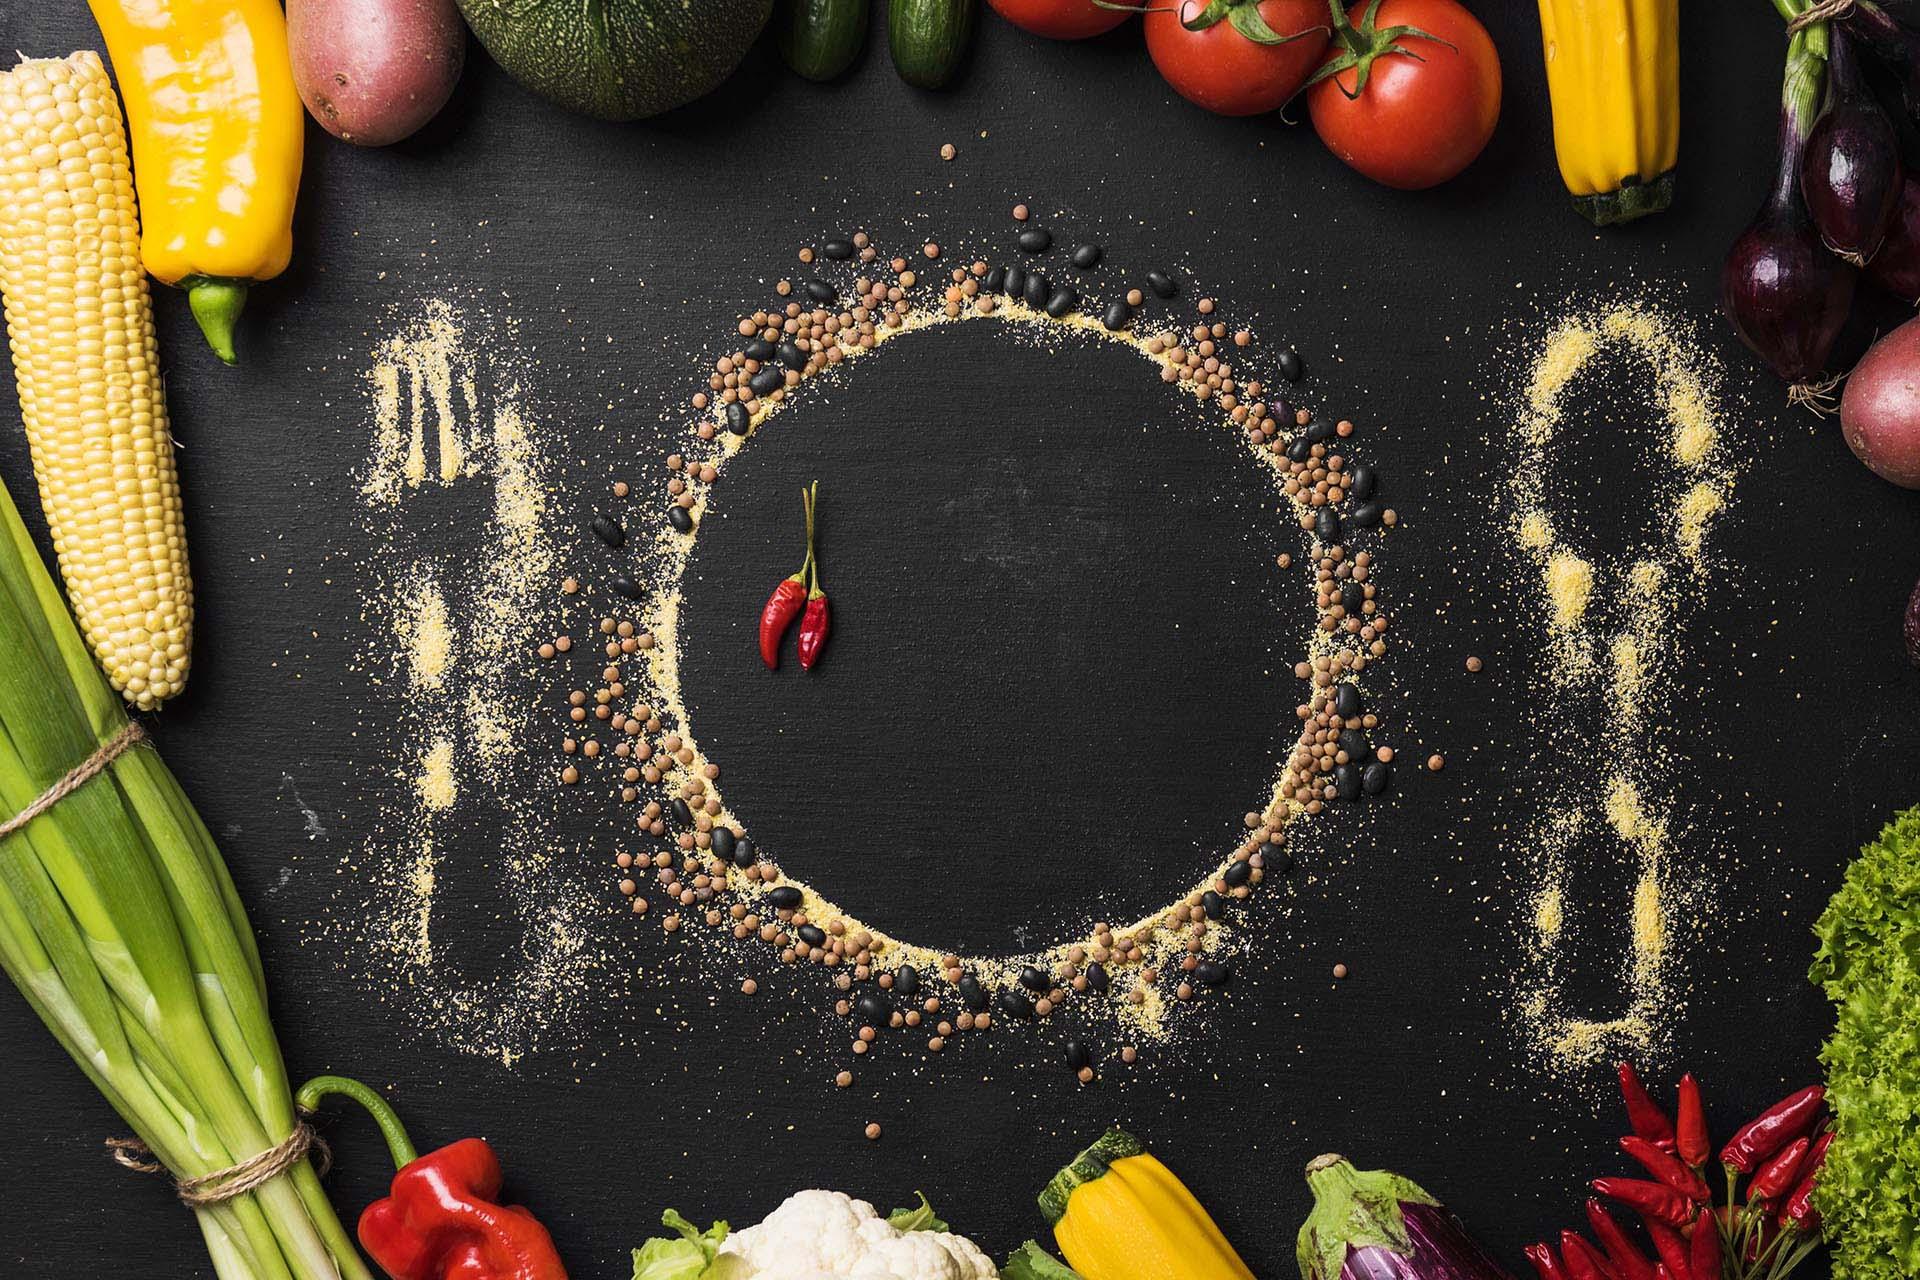 Cuisine-Lifestyle - Gemüse mit einem Umriss von Teller und Besteck auf schwarzem Grund